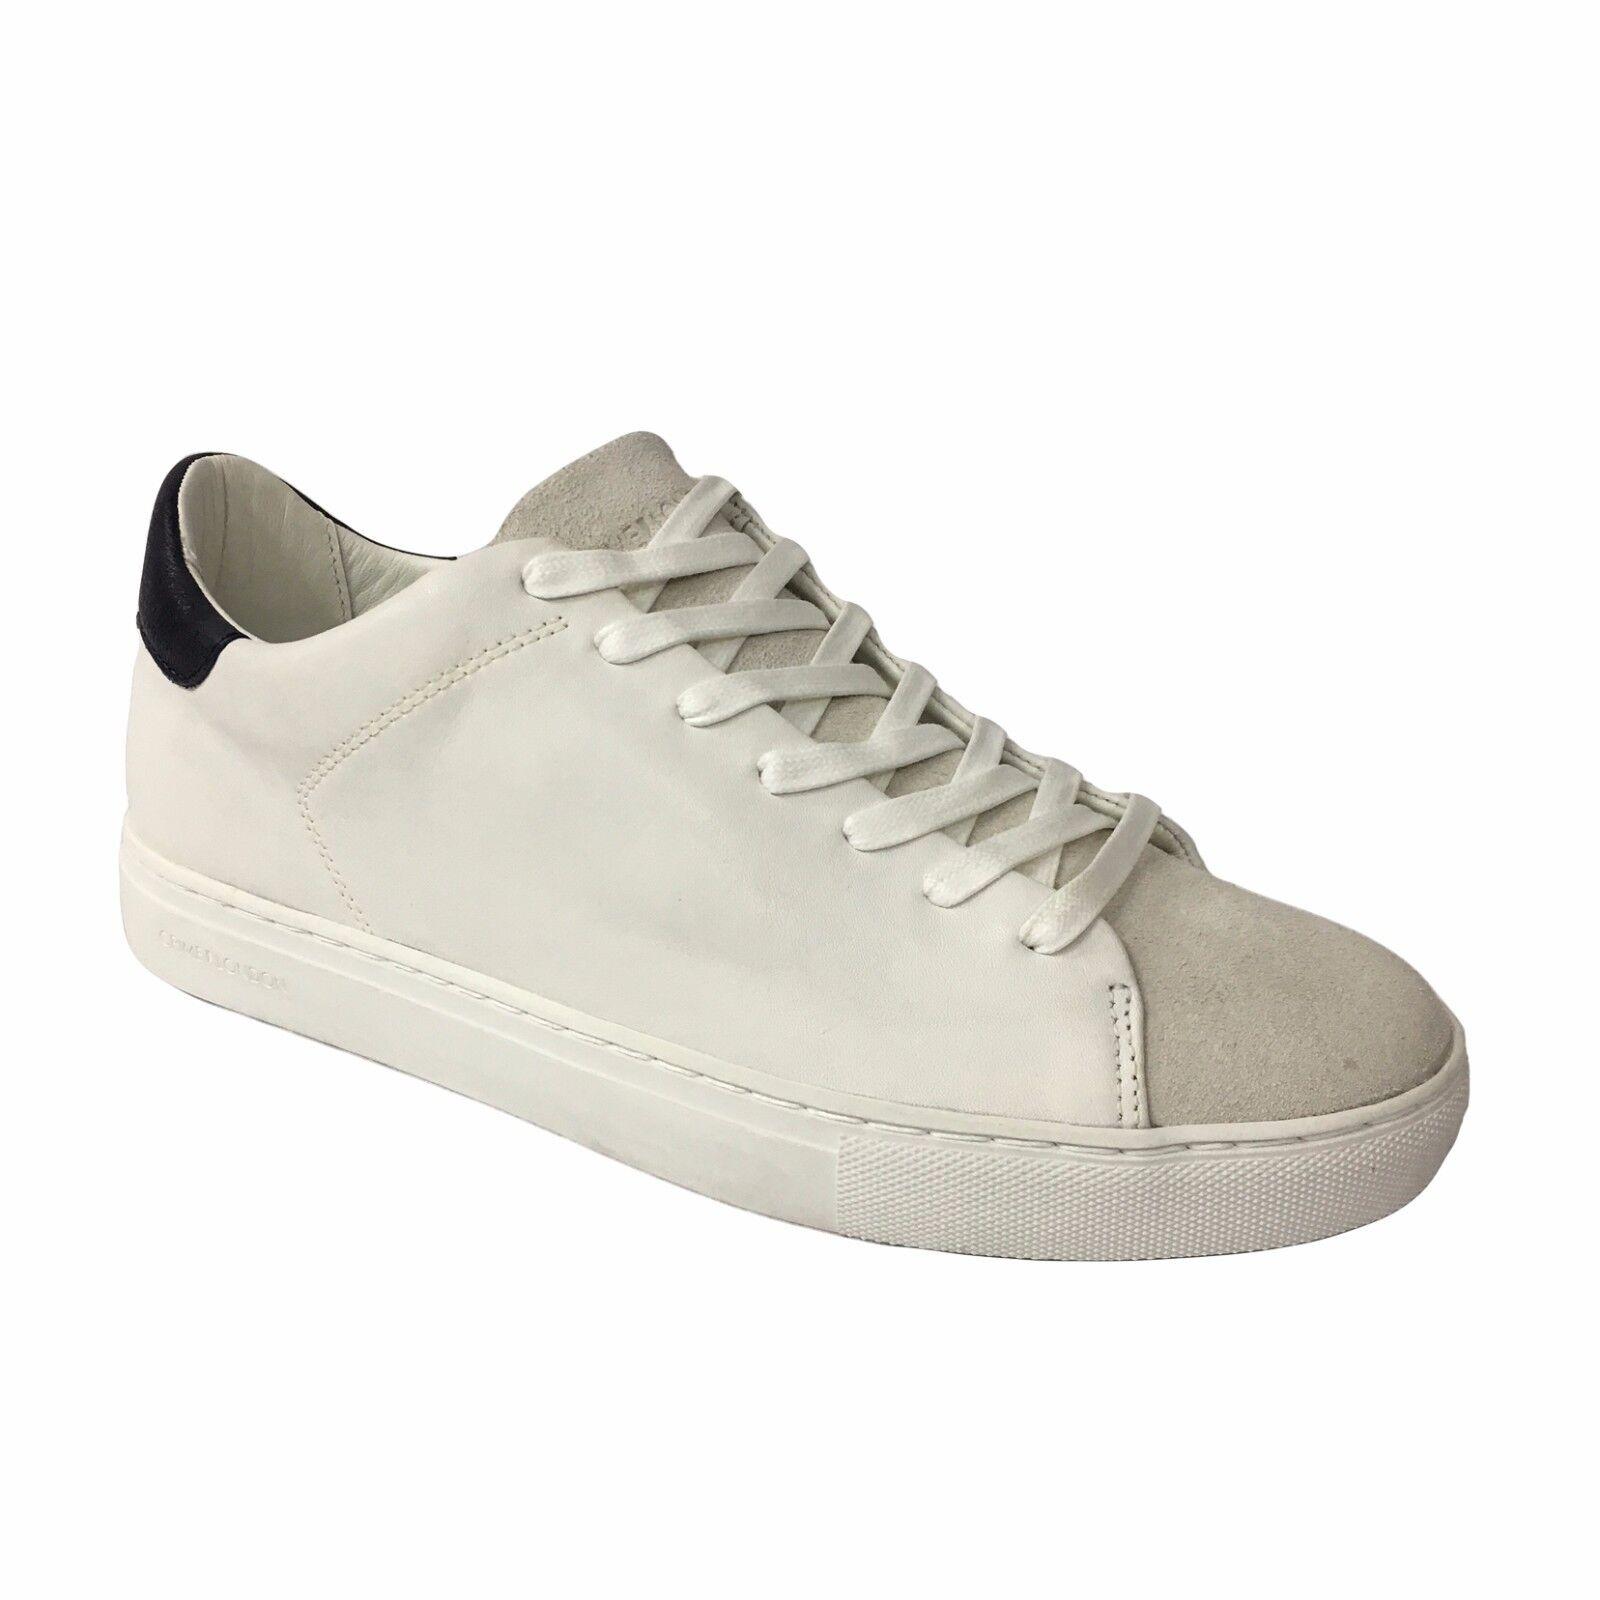 CRIME LONDON Herren Schuhe weiß Einzelheiten blau Leder / Gämse art. 11209S17B